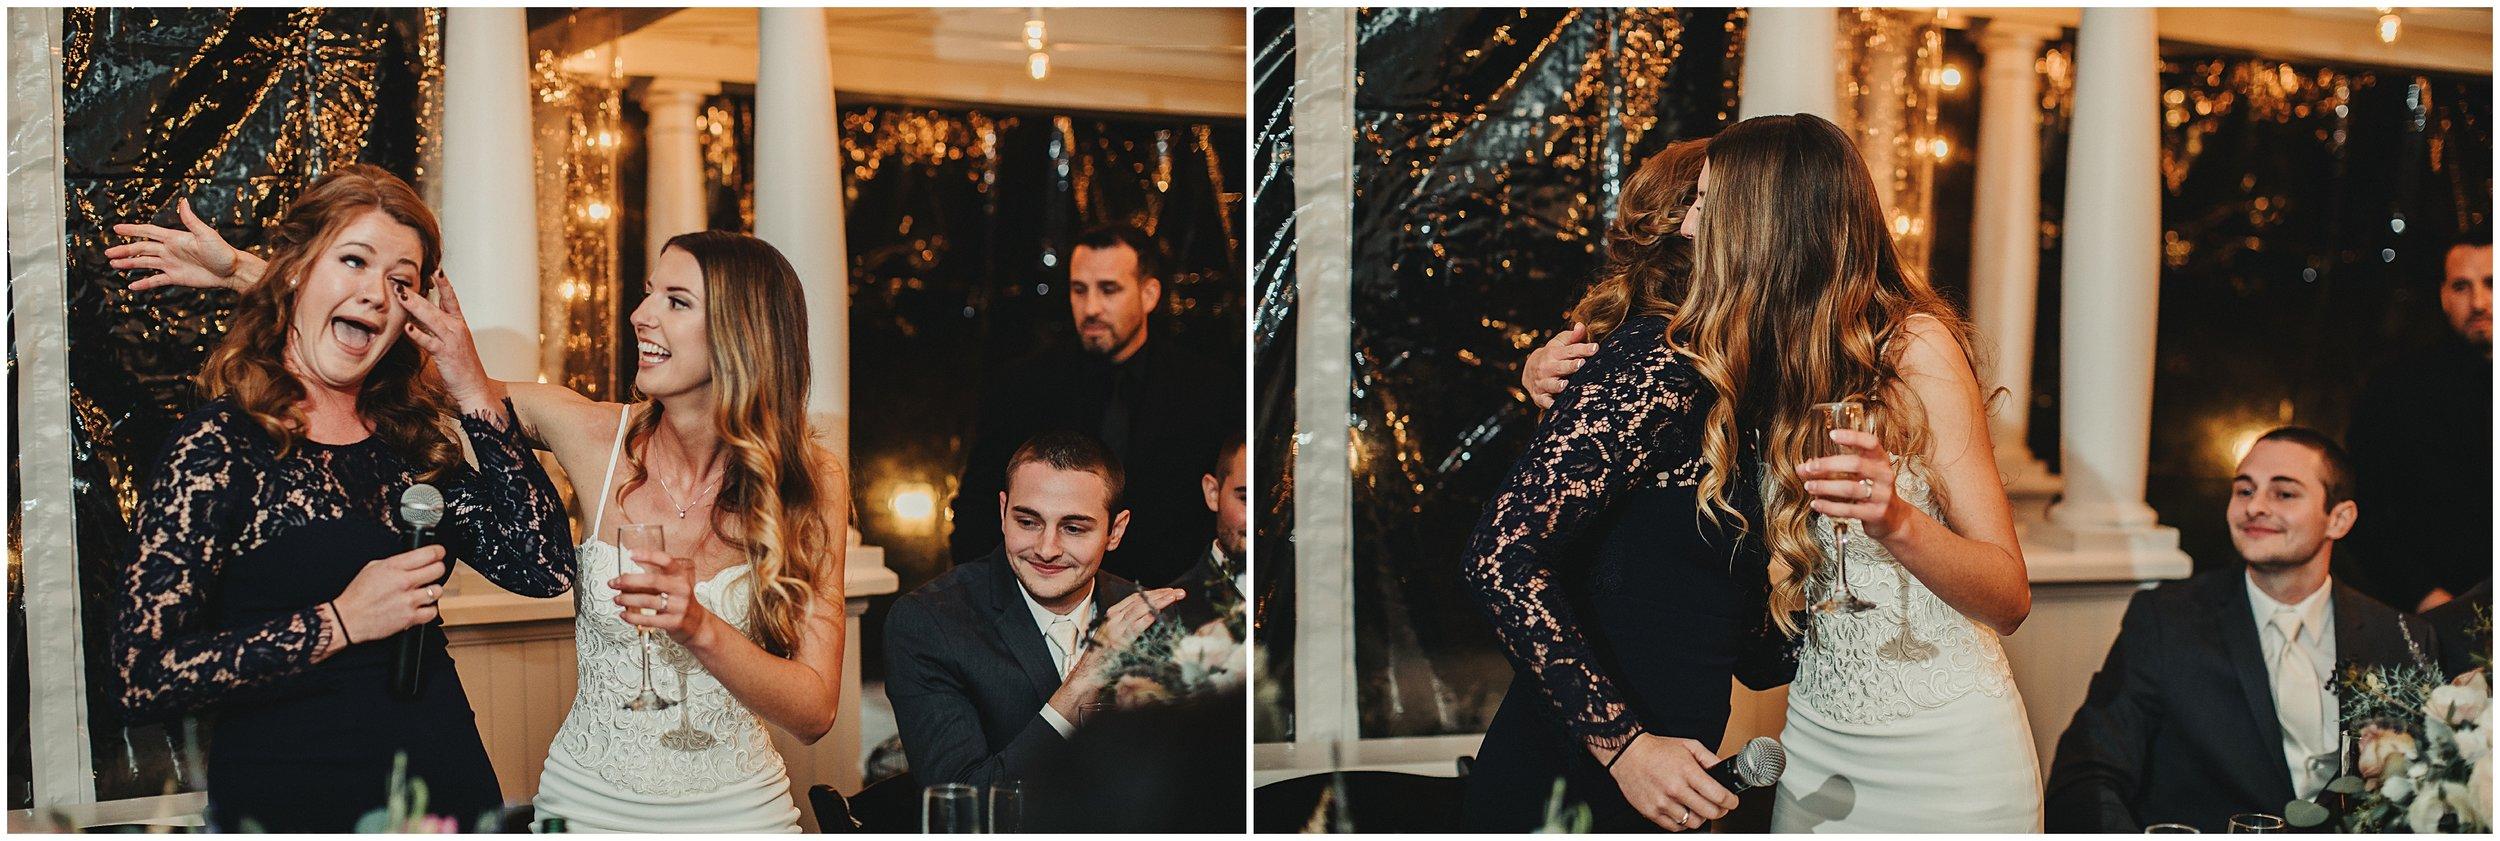 Ritchie Hill wedding_1304.jpg